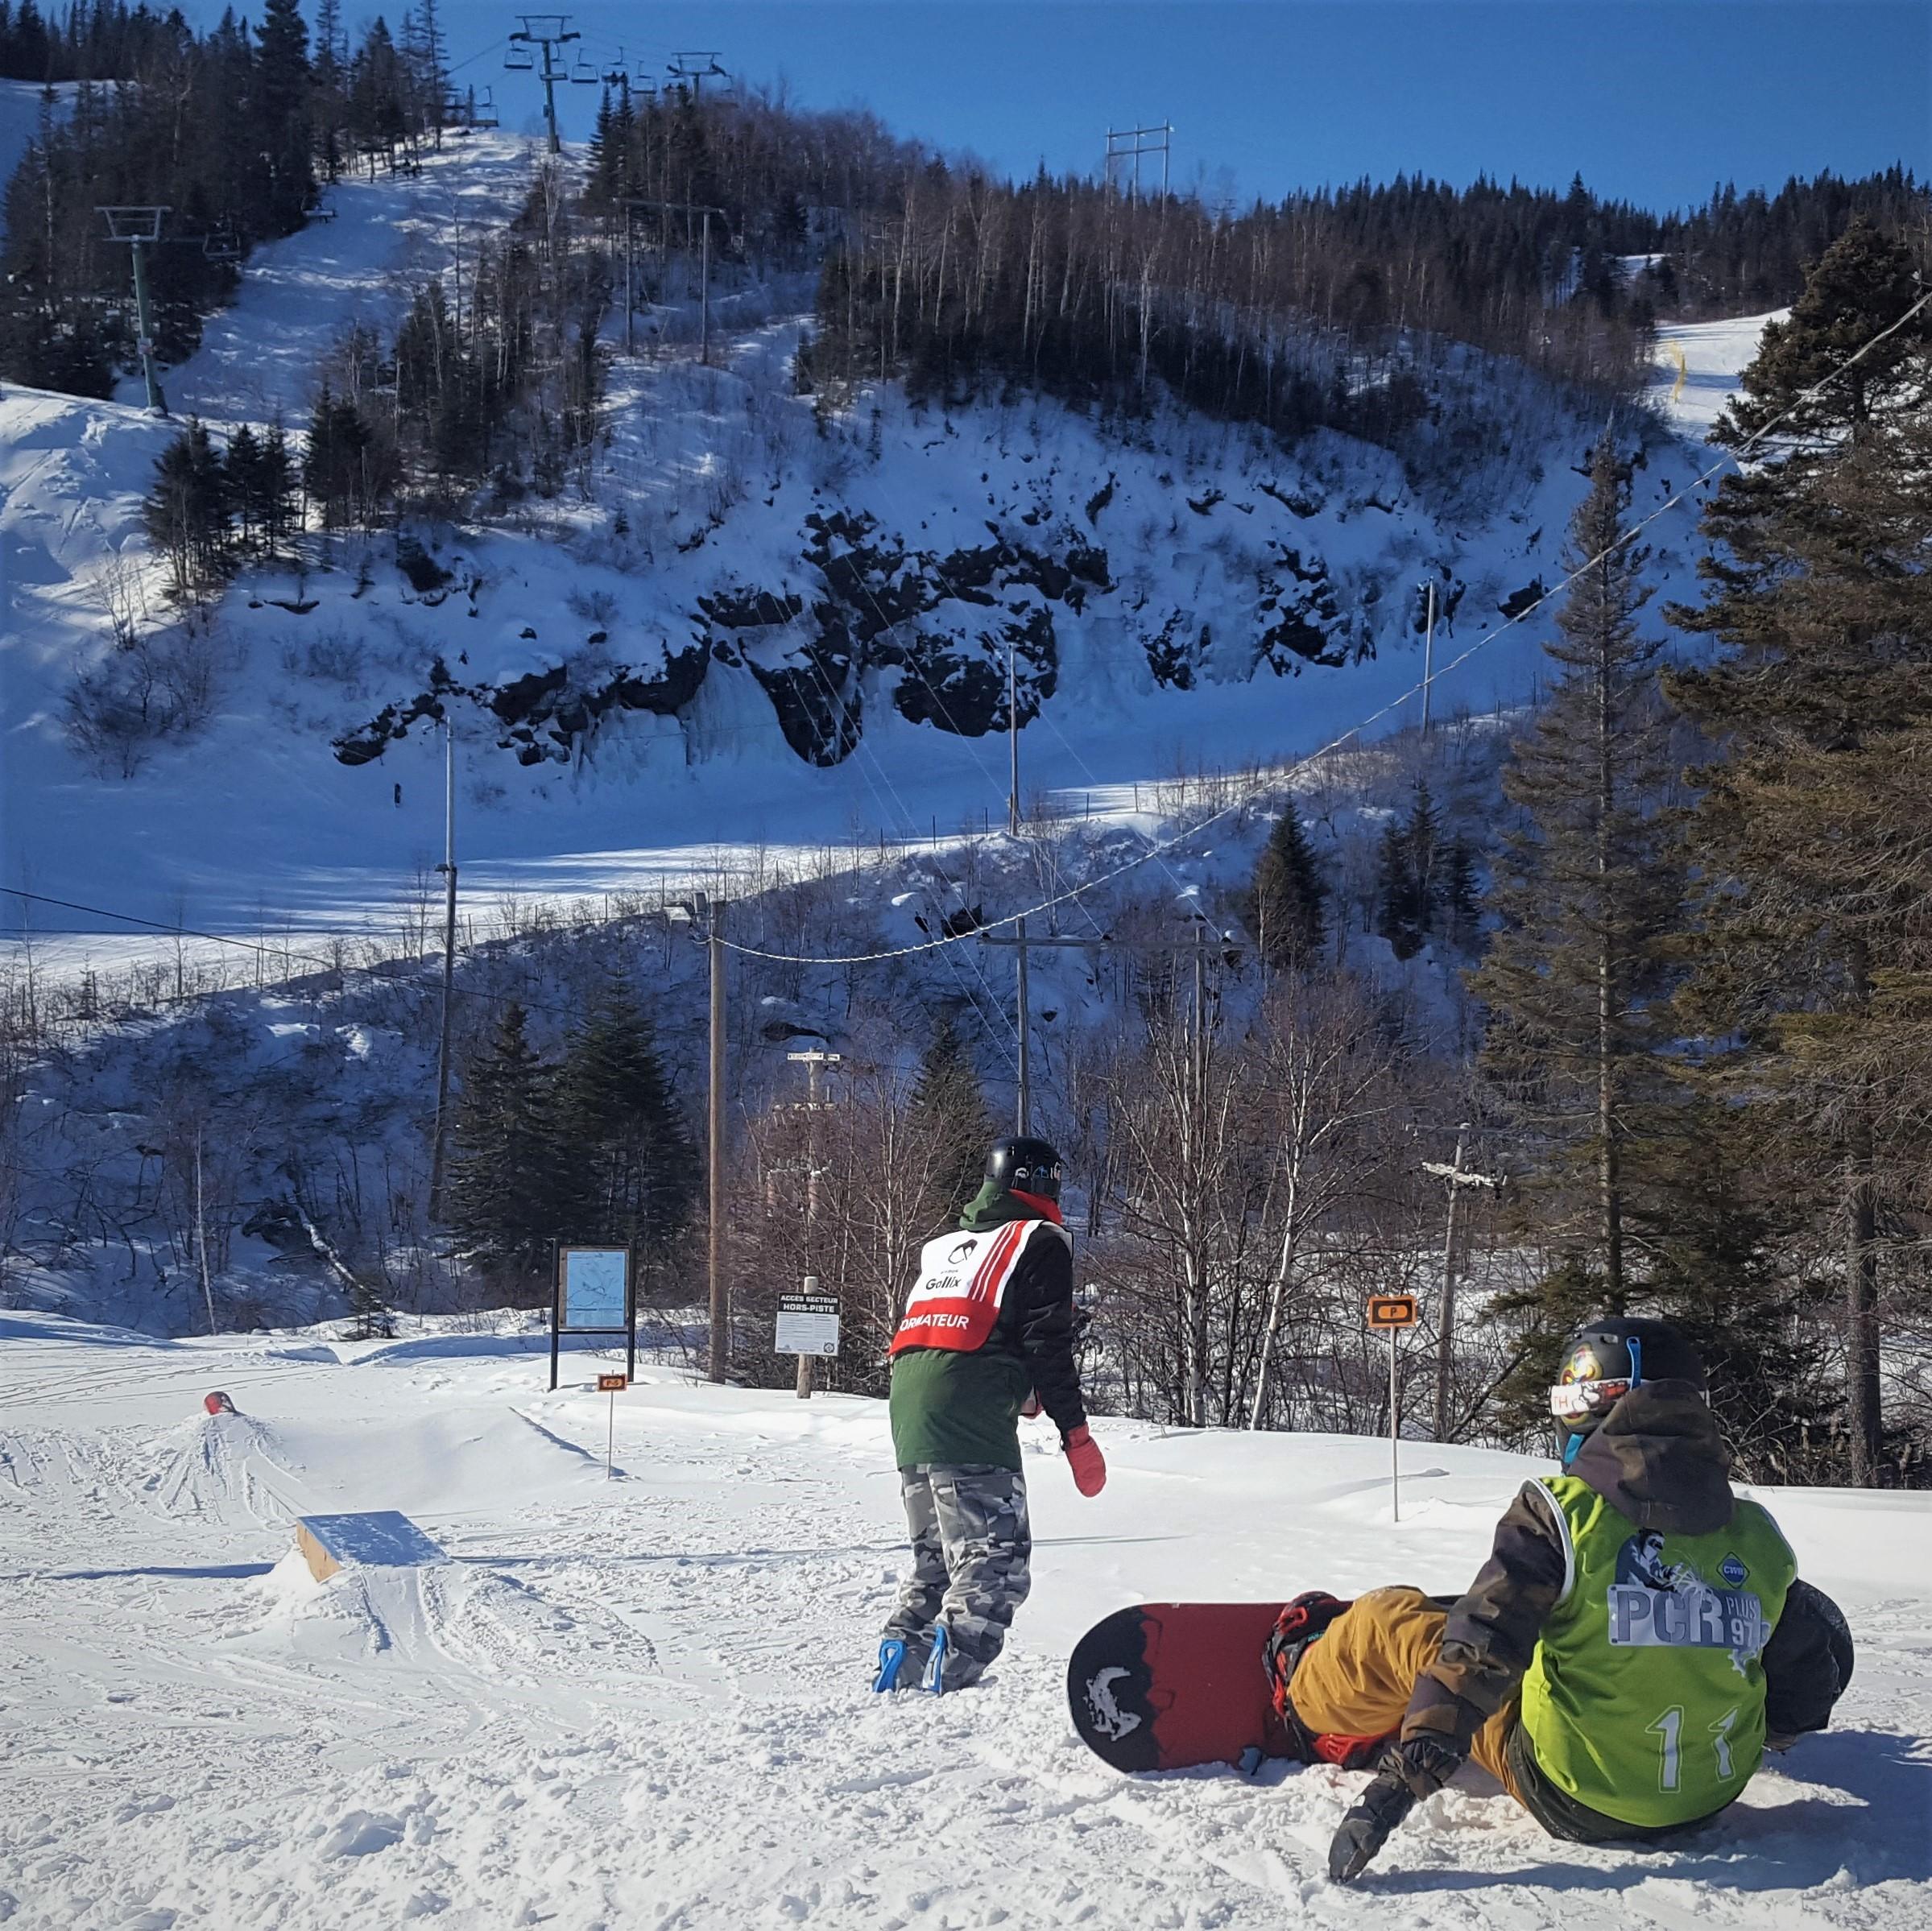 cours_snow_park_gallix_2020